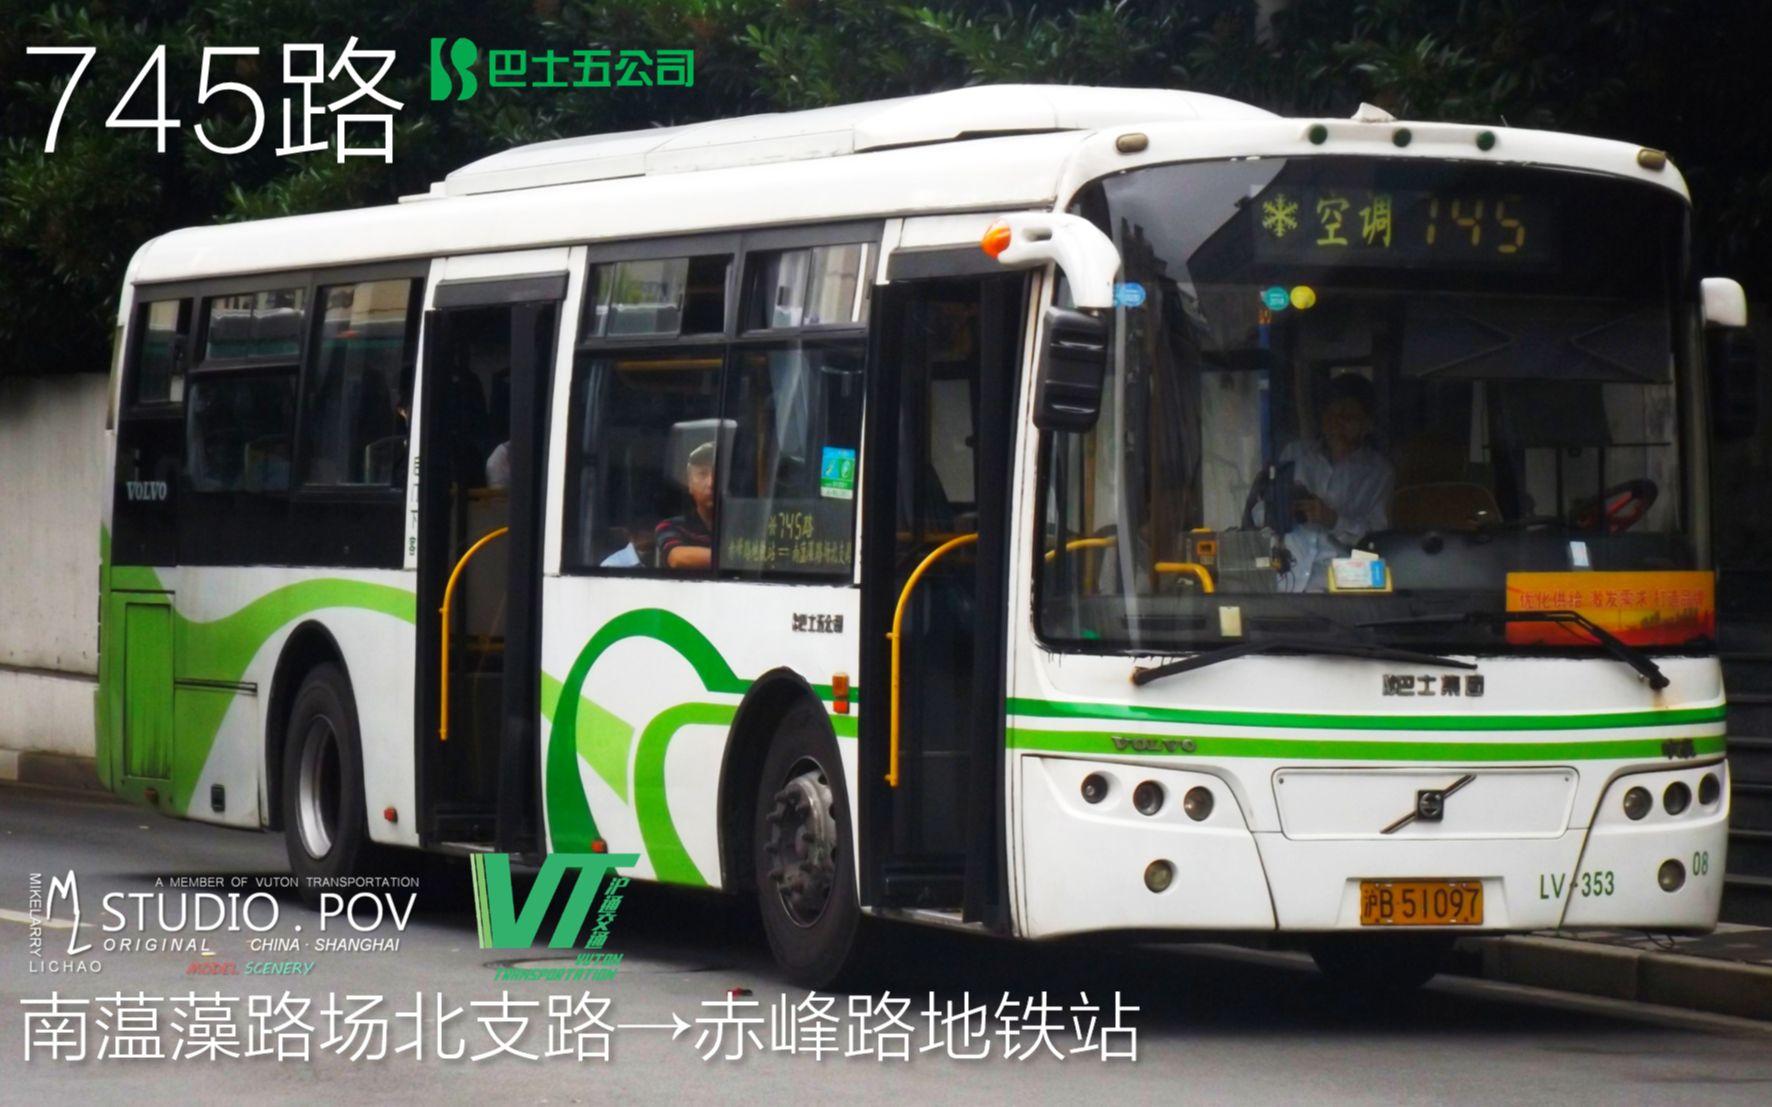 纯净音乐[MLSTUDIO-POV74]上海巴士五公司 745路 南蕰藻路场北支路→赤峰路地铁站 前方第一视角延时展望